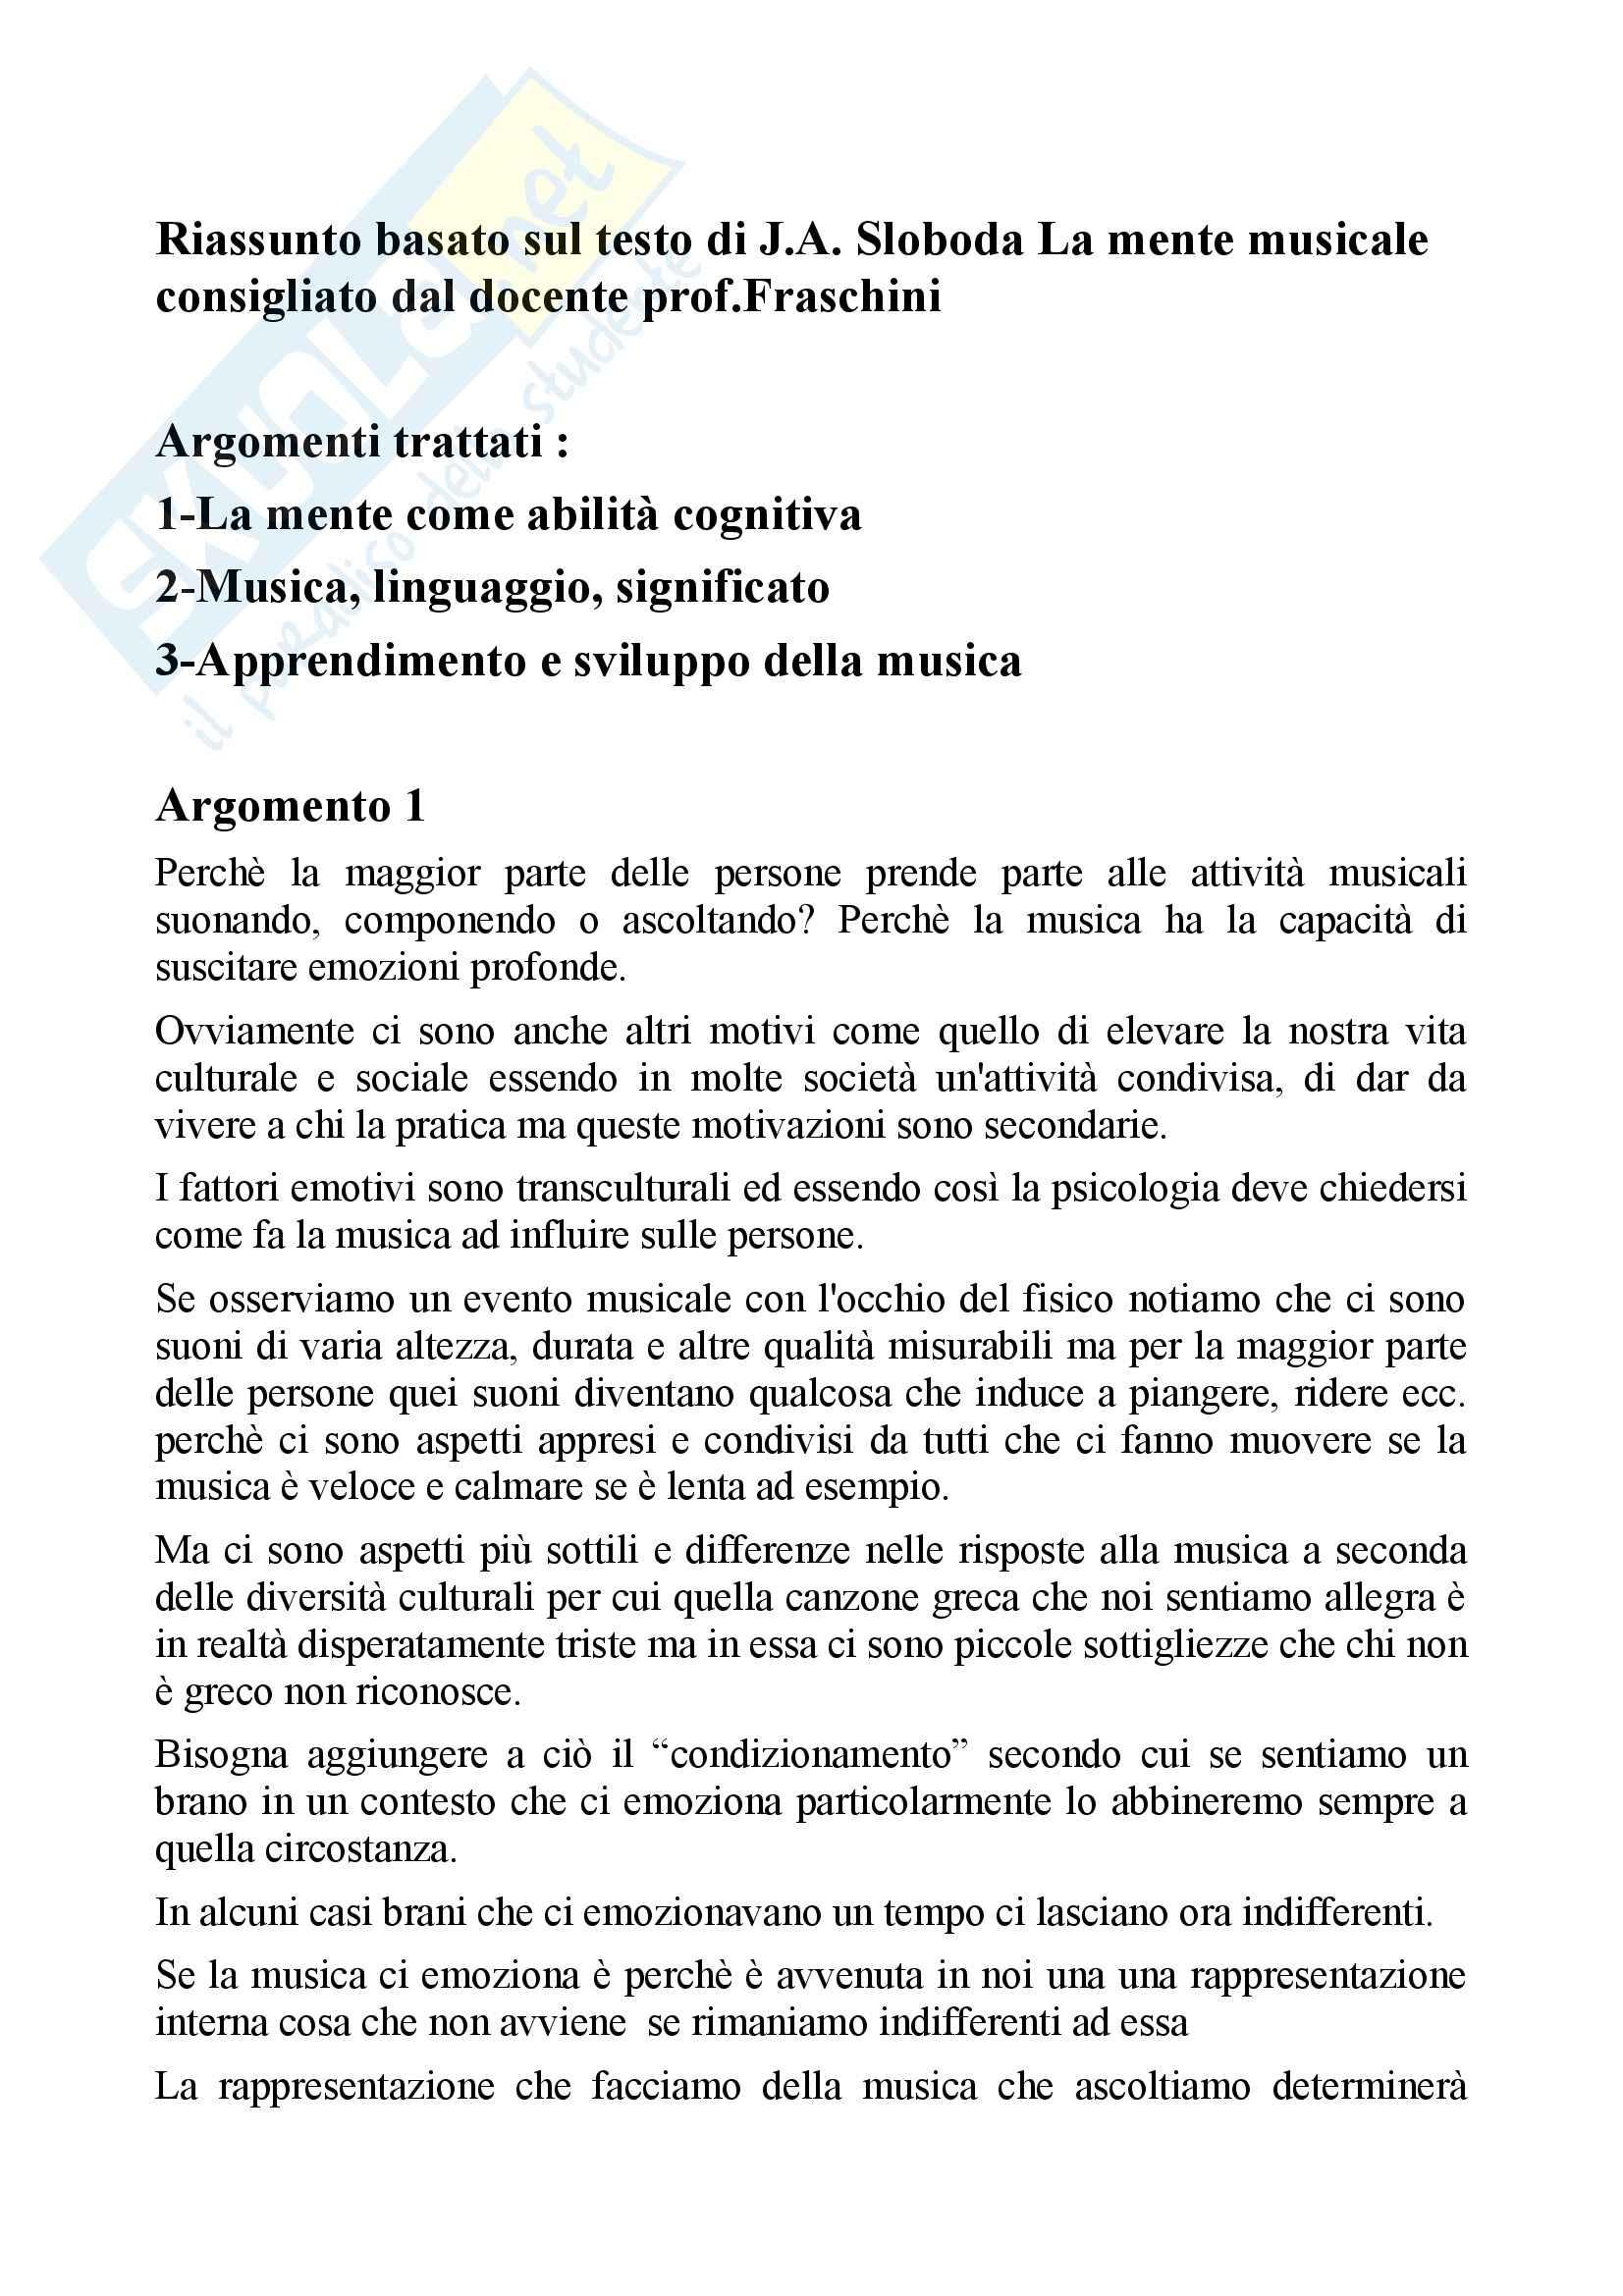 Riassunto esame per esame pedagogia musicale, docente Fraschini, libro consigliato La mente musicale di Sloboda